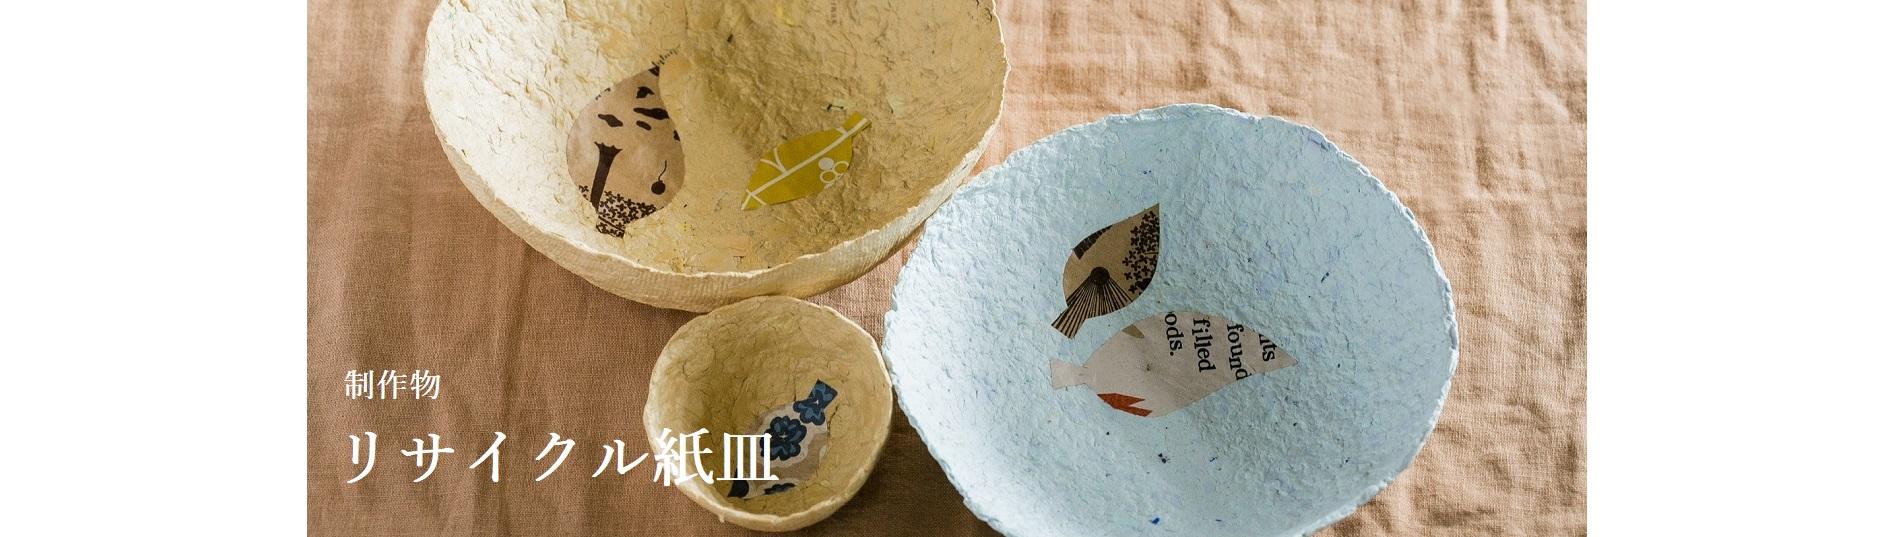 リサイクル紙皿